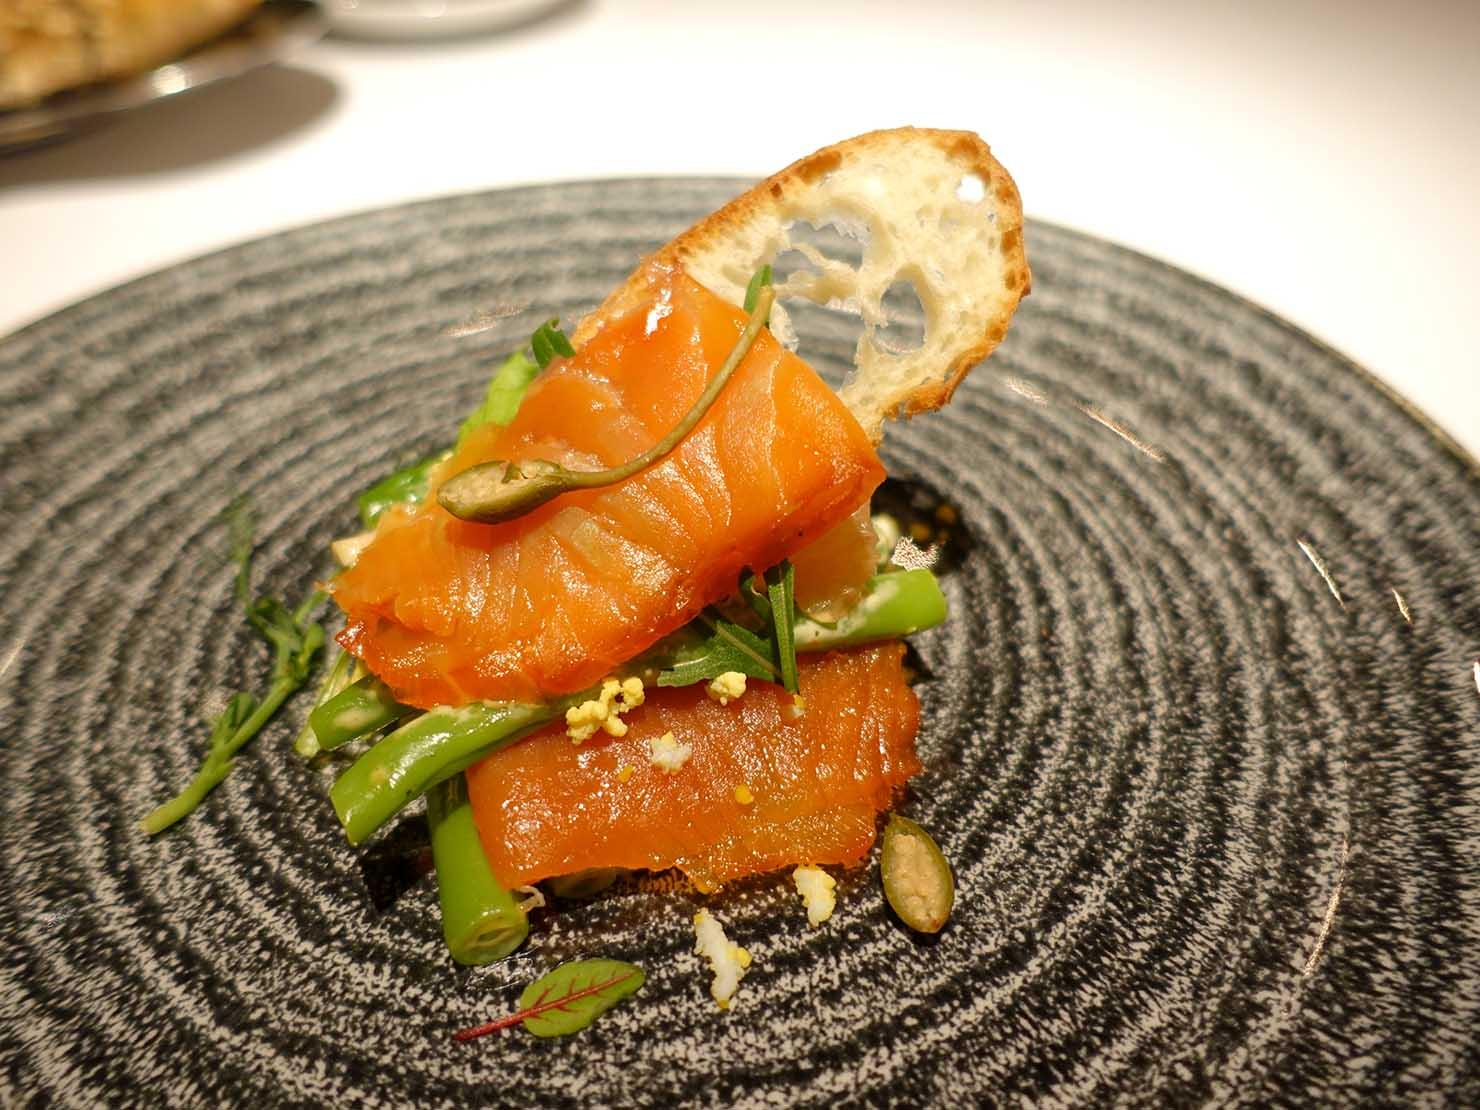 台北の4つ星ホテルにあるステーキハウス「地中海牛排館」の四季豆沙拉(エンドウ豆のサラダ)